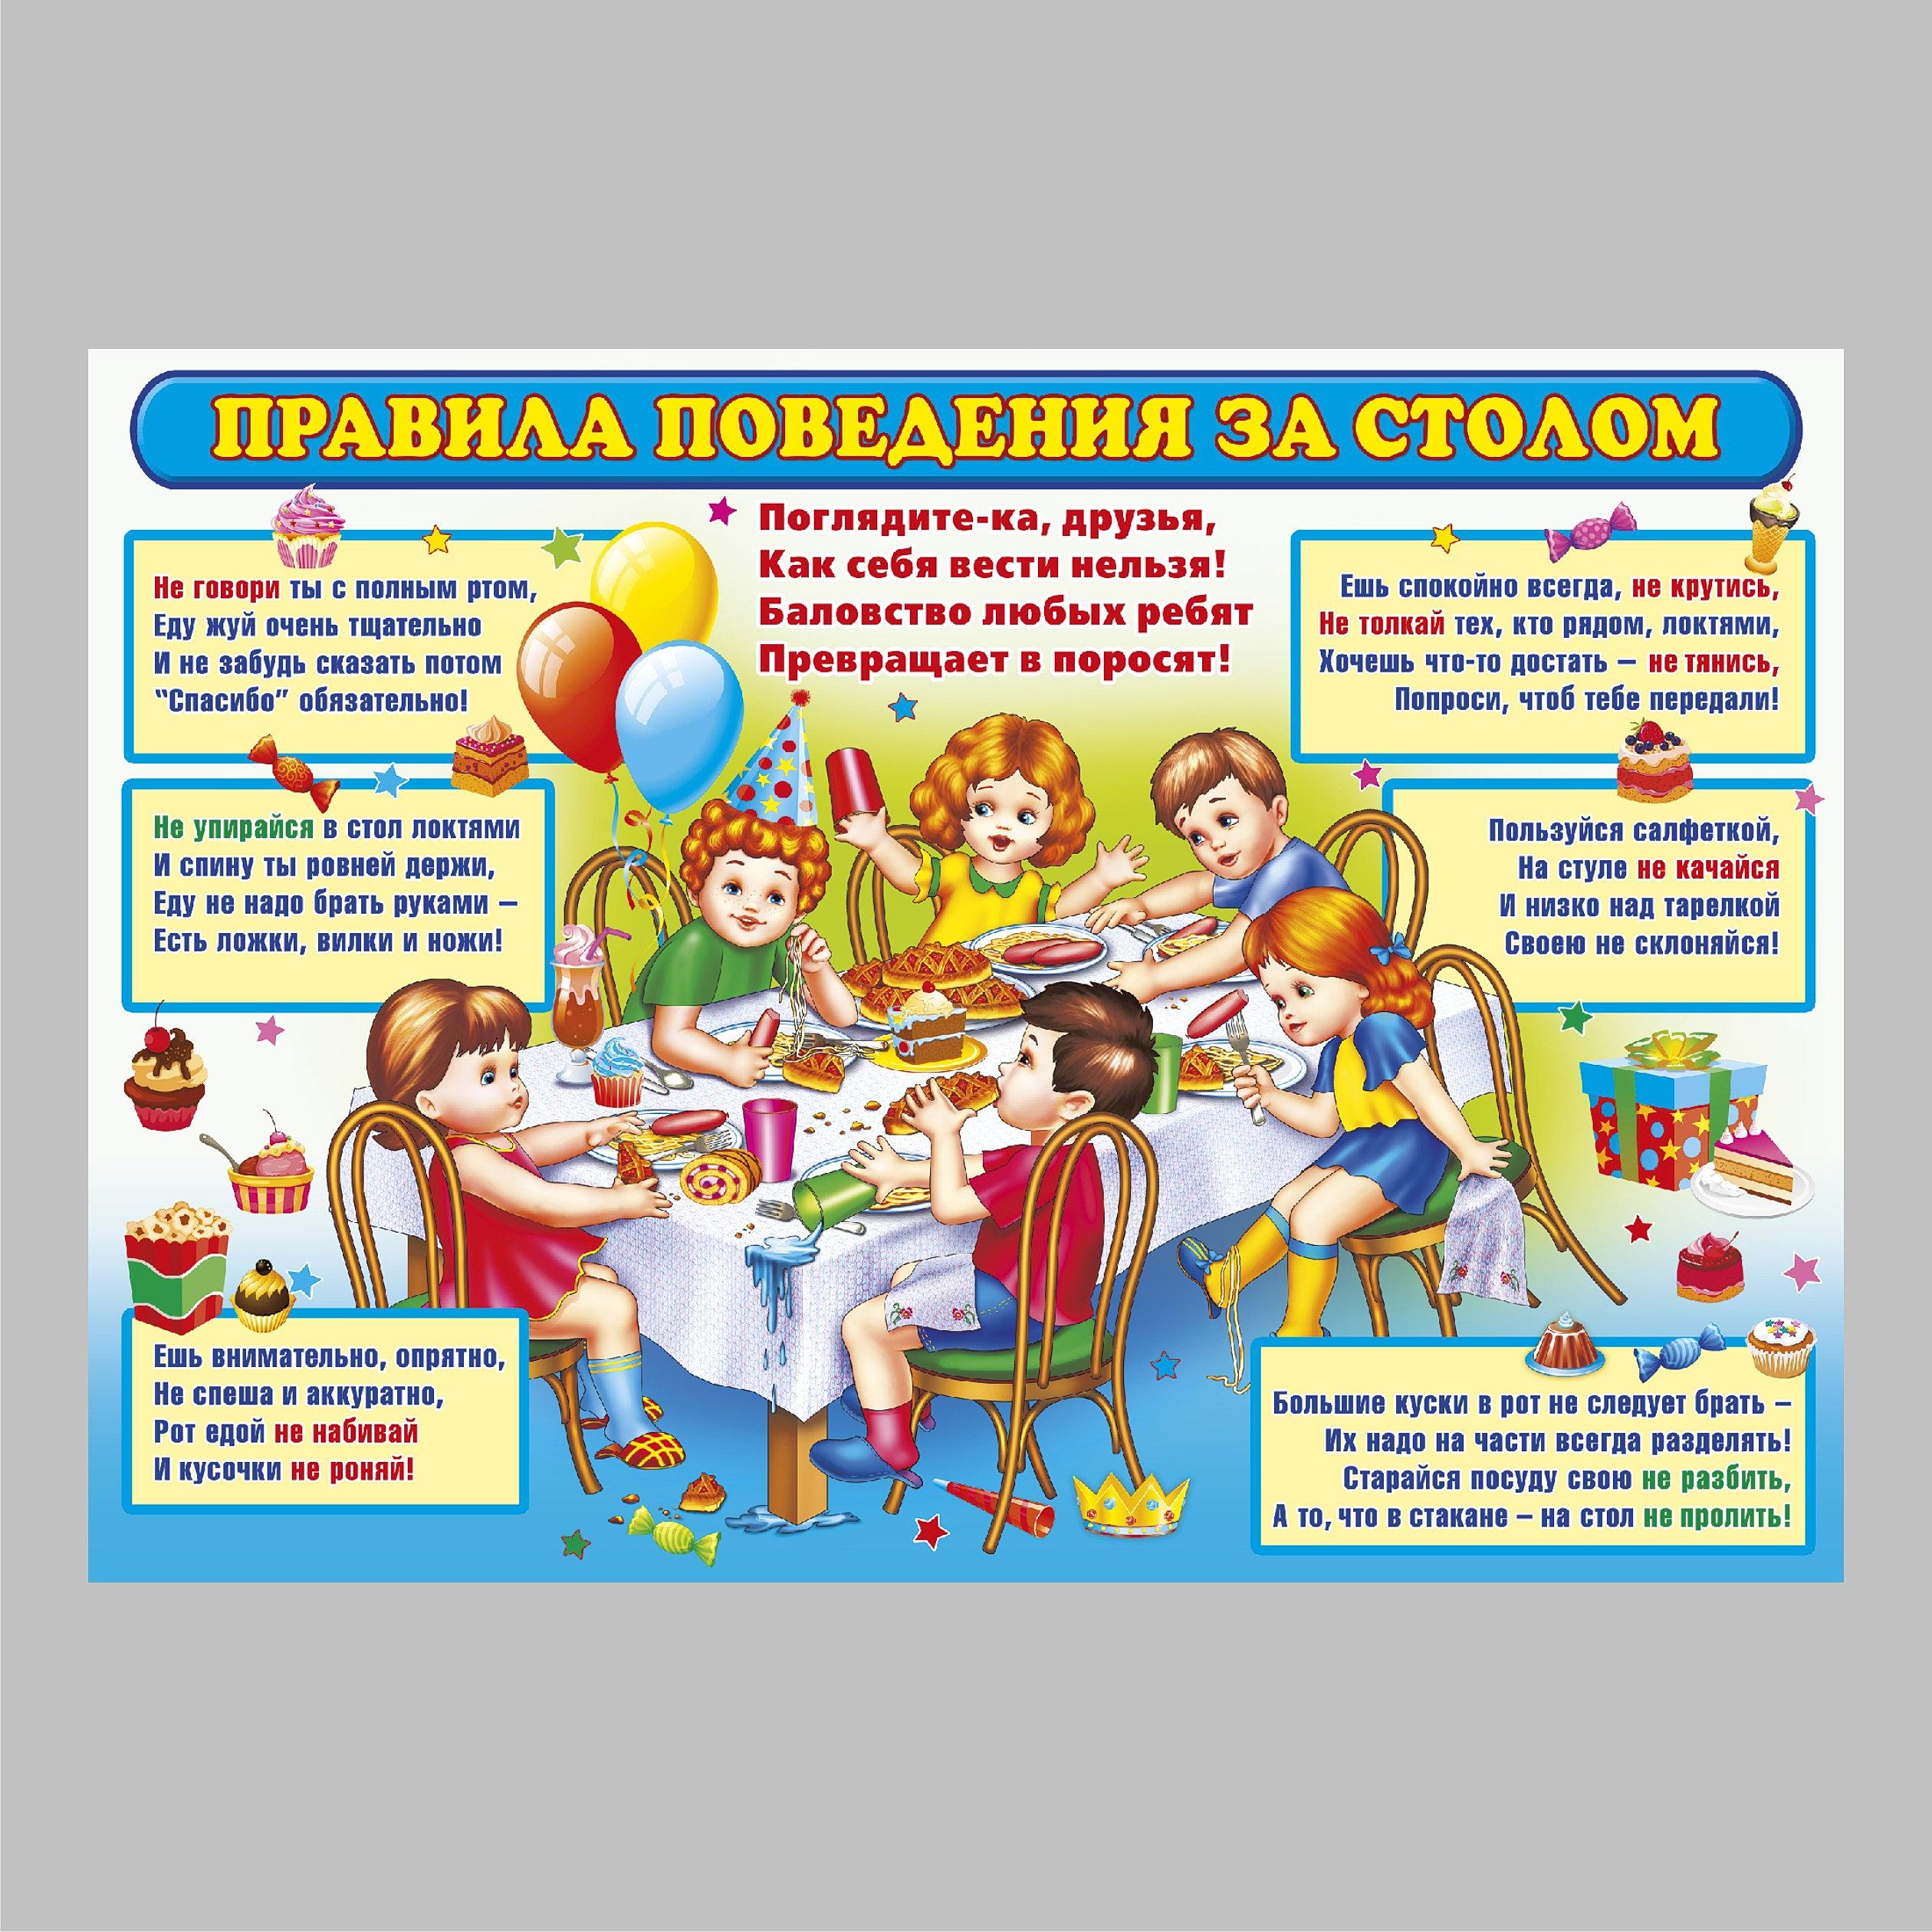 Картинка правила поведения за столом в детском саду в картинках